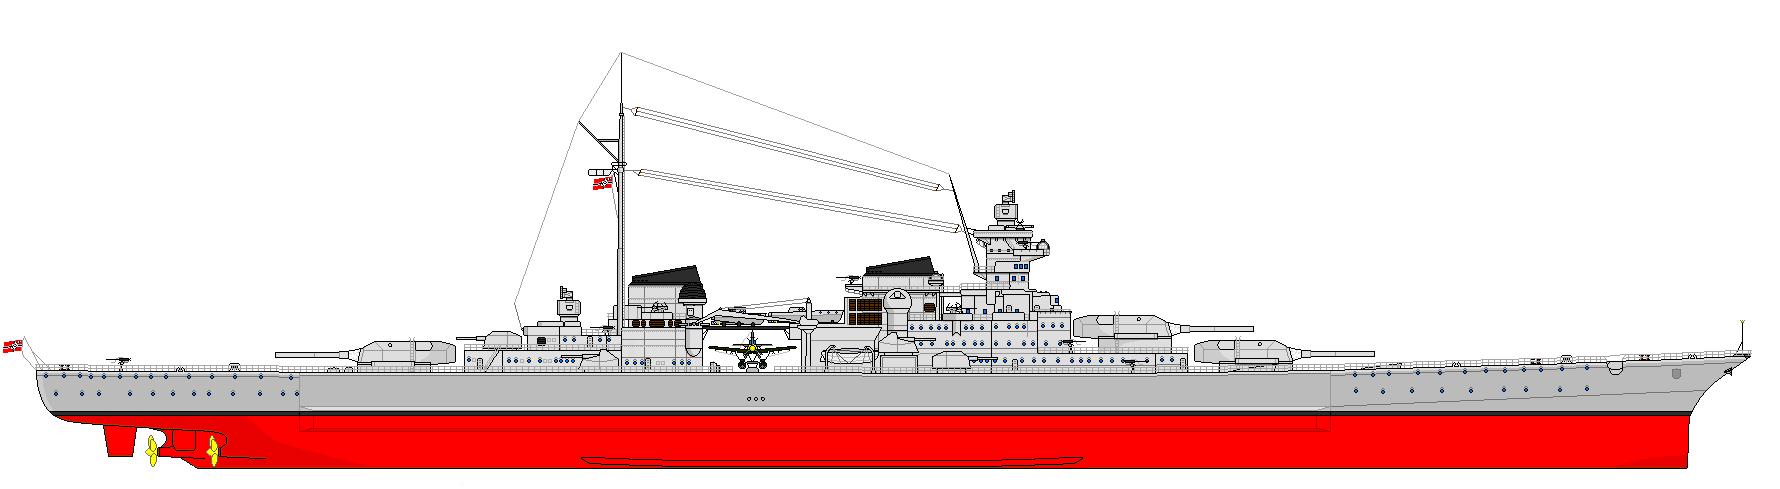 O osztályú csatacirkáló oldalnézeti rajza.